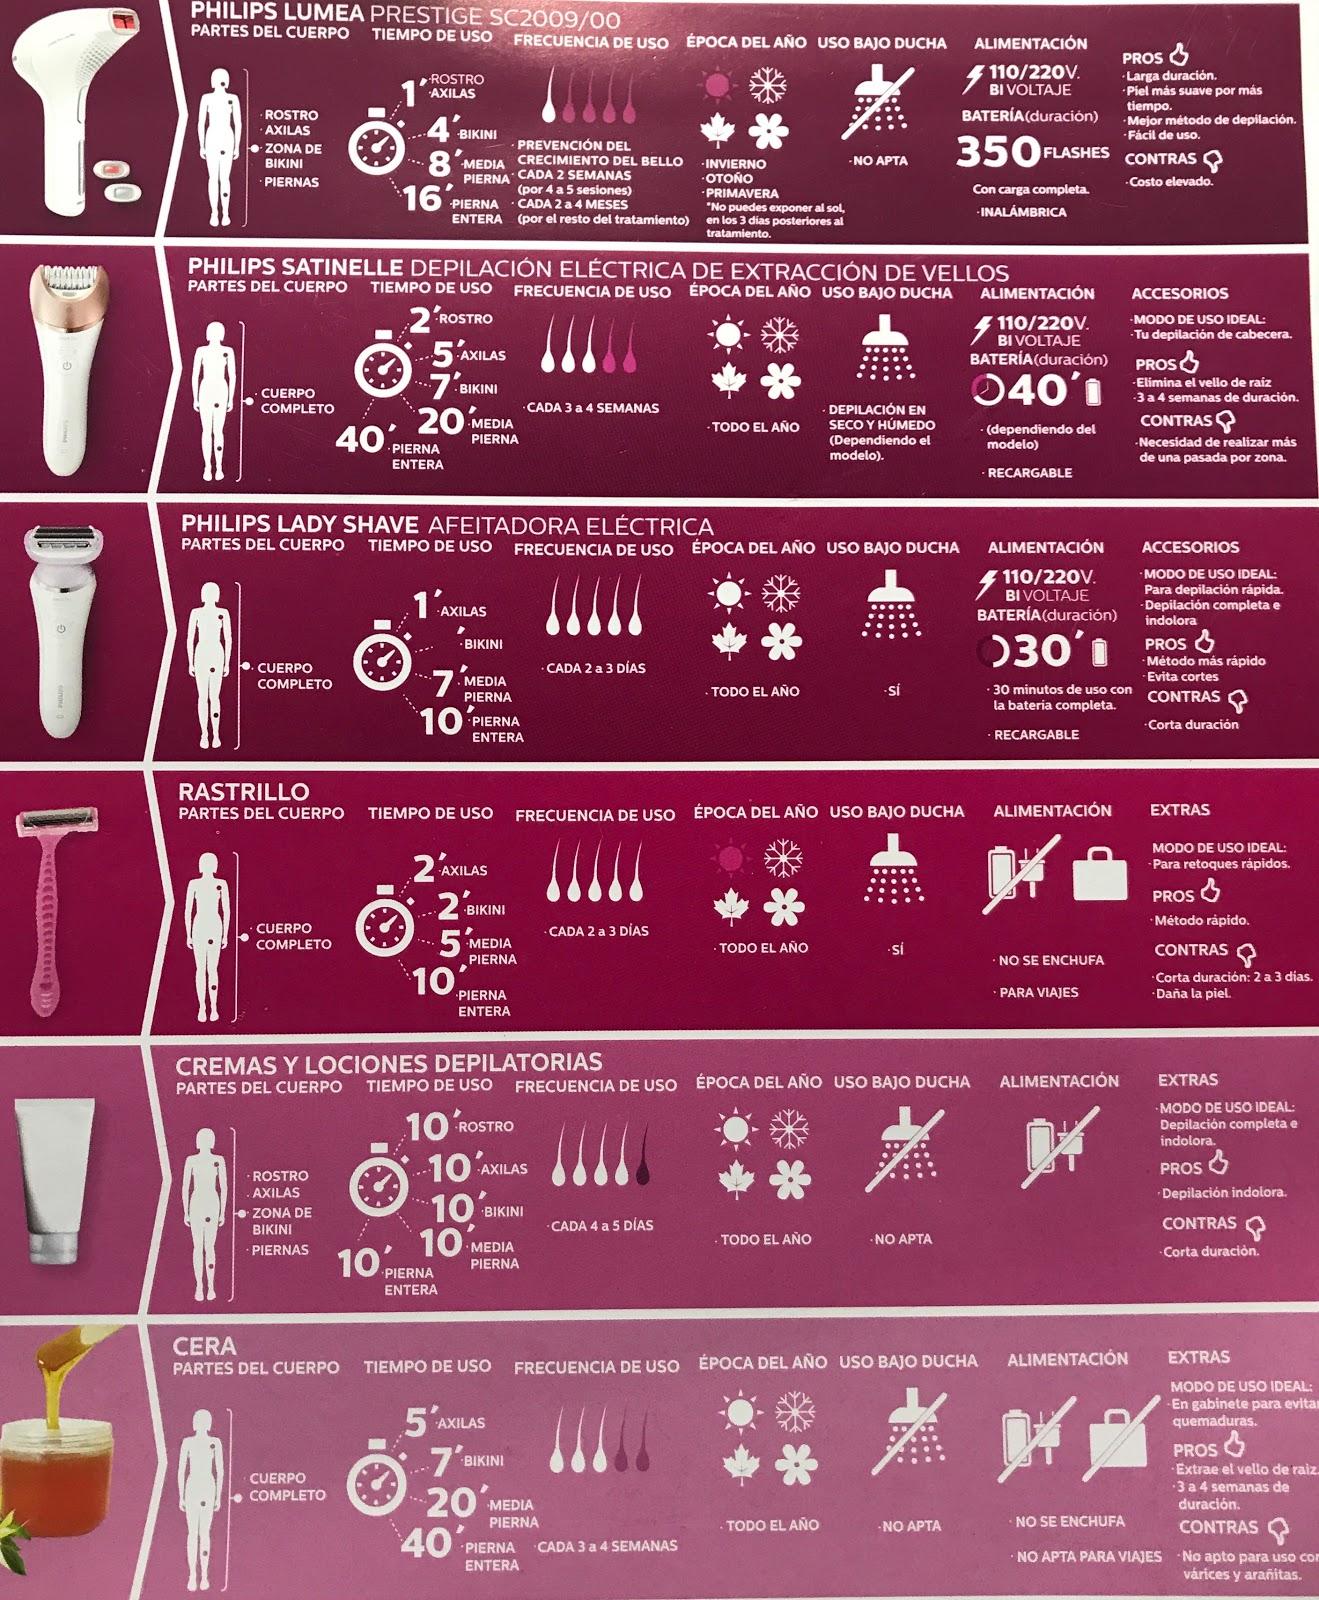 Métodos de depilación